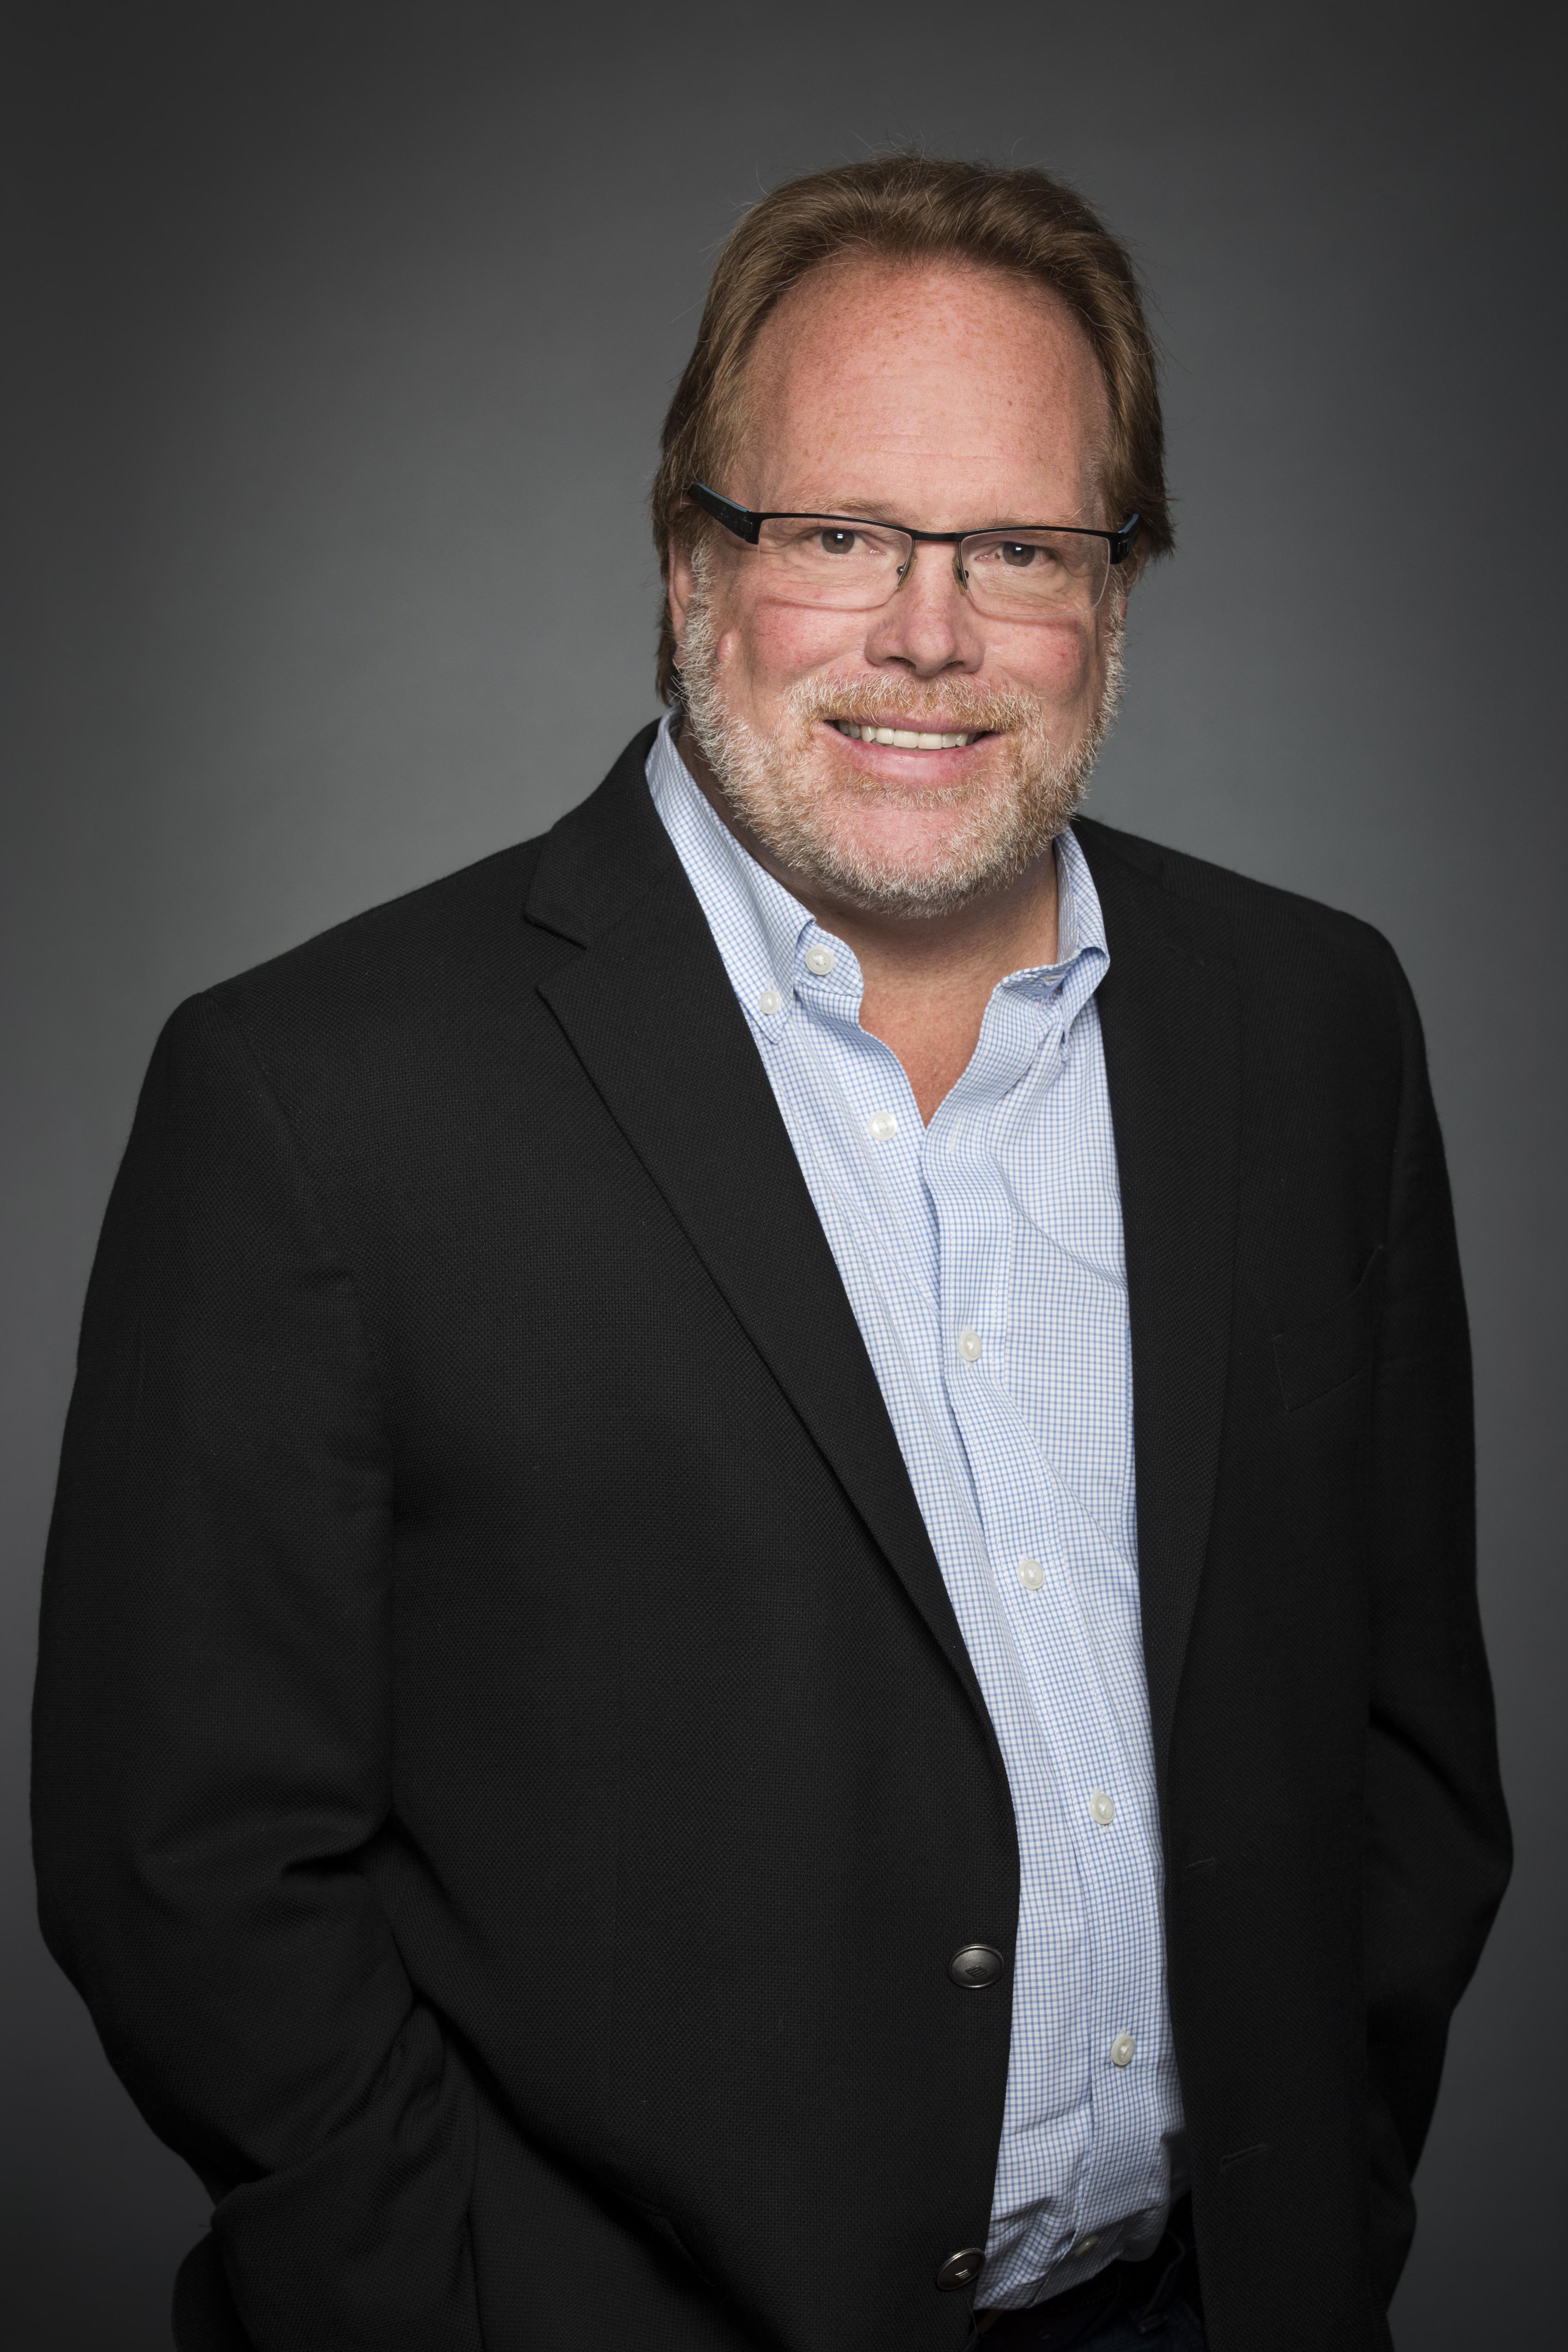 Dr. Stephen Ferguson